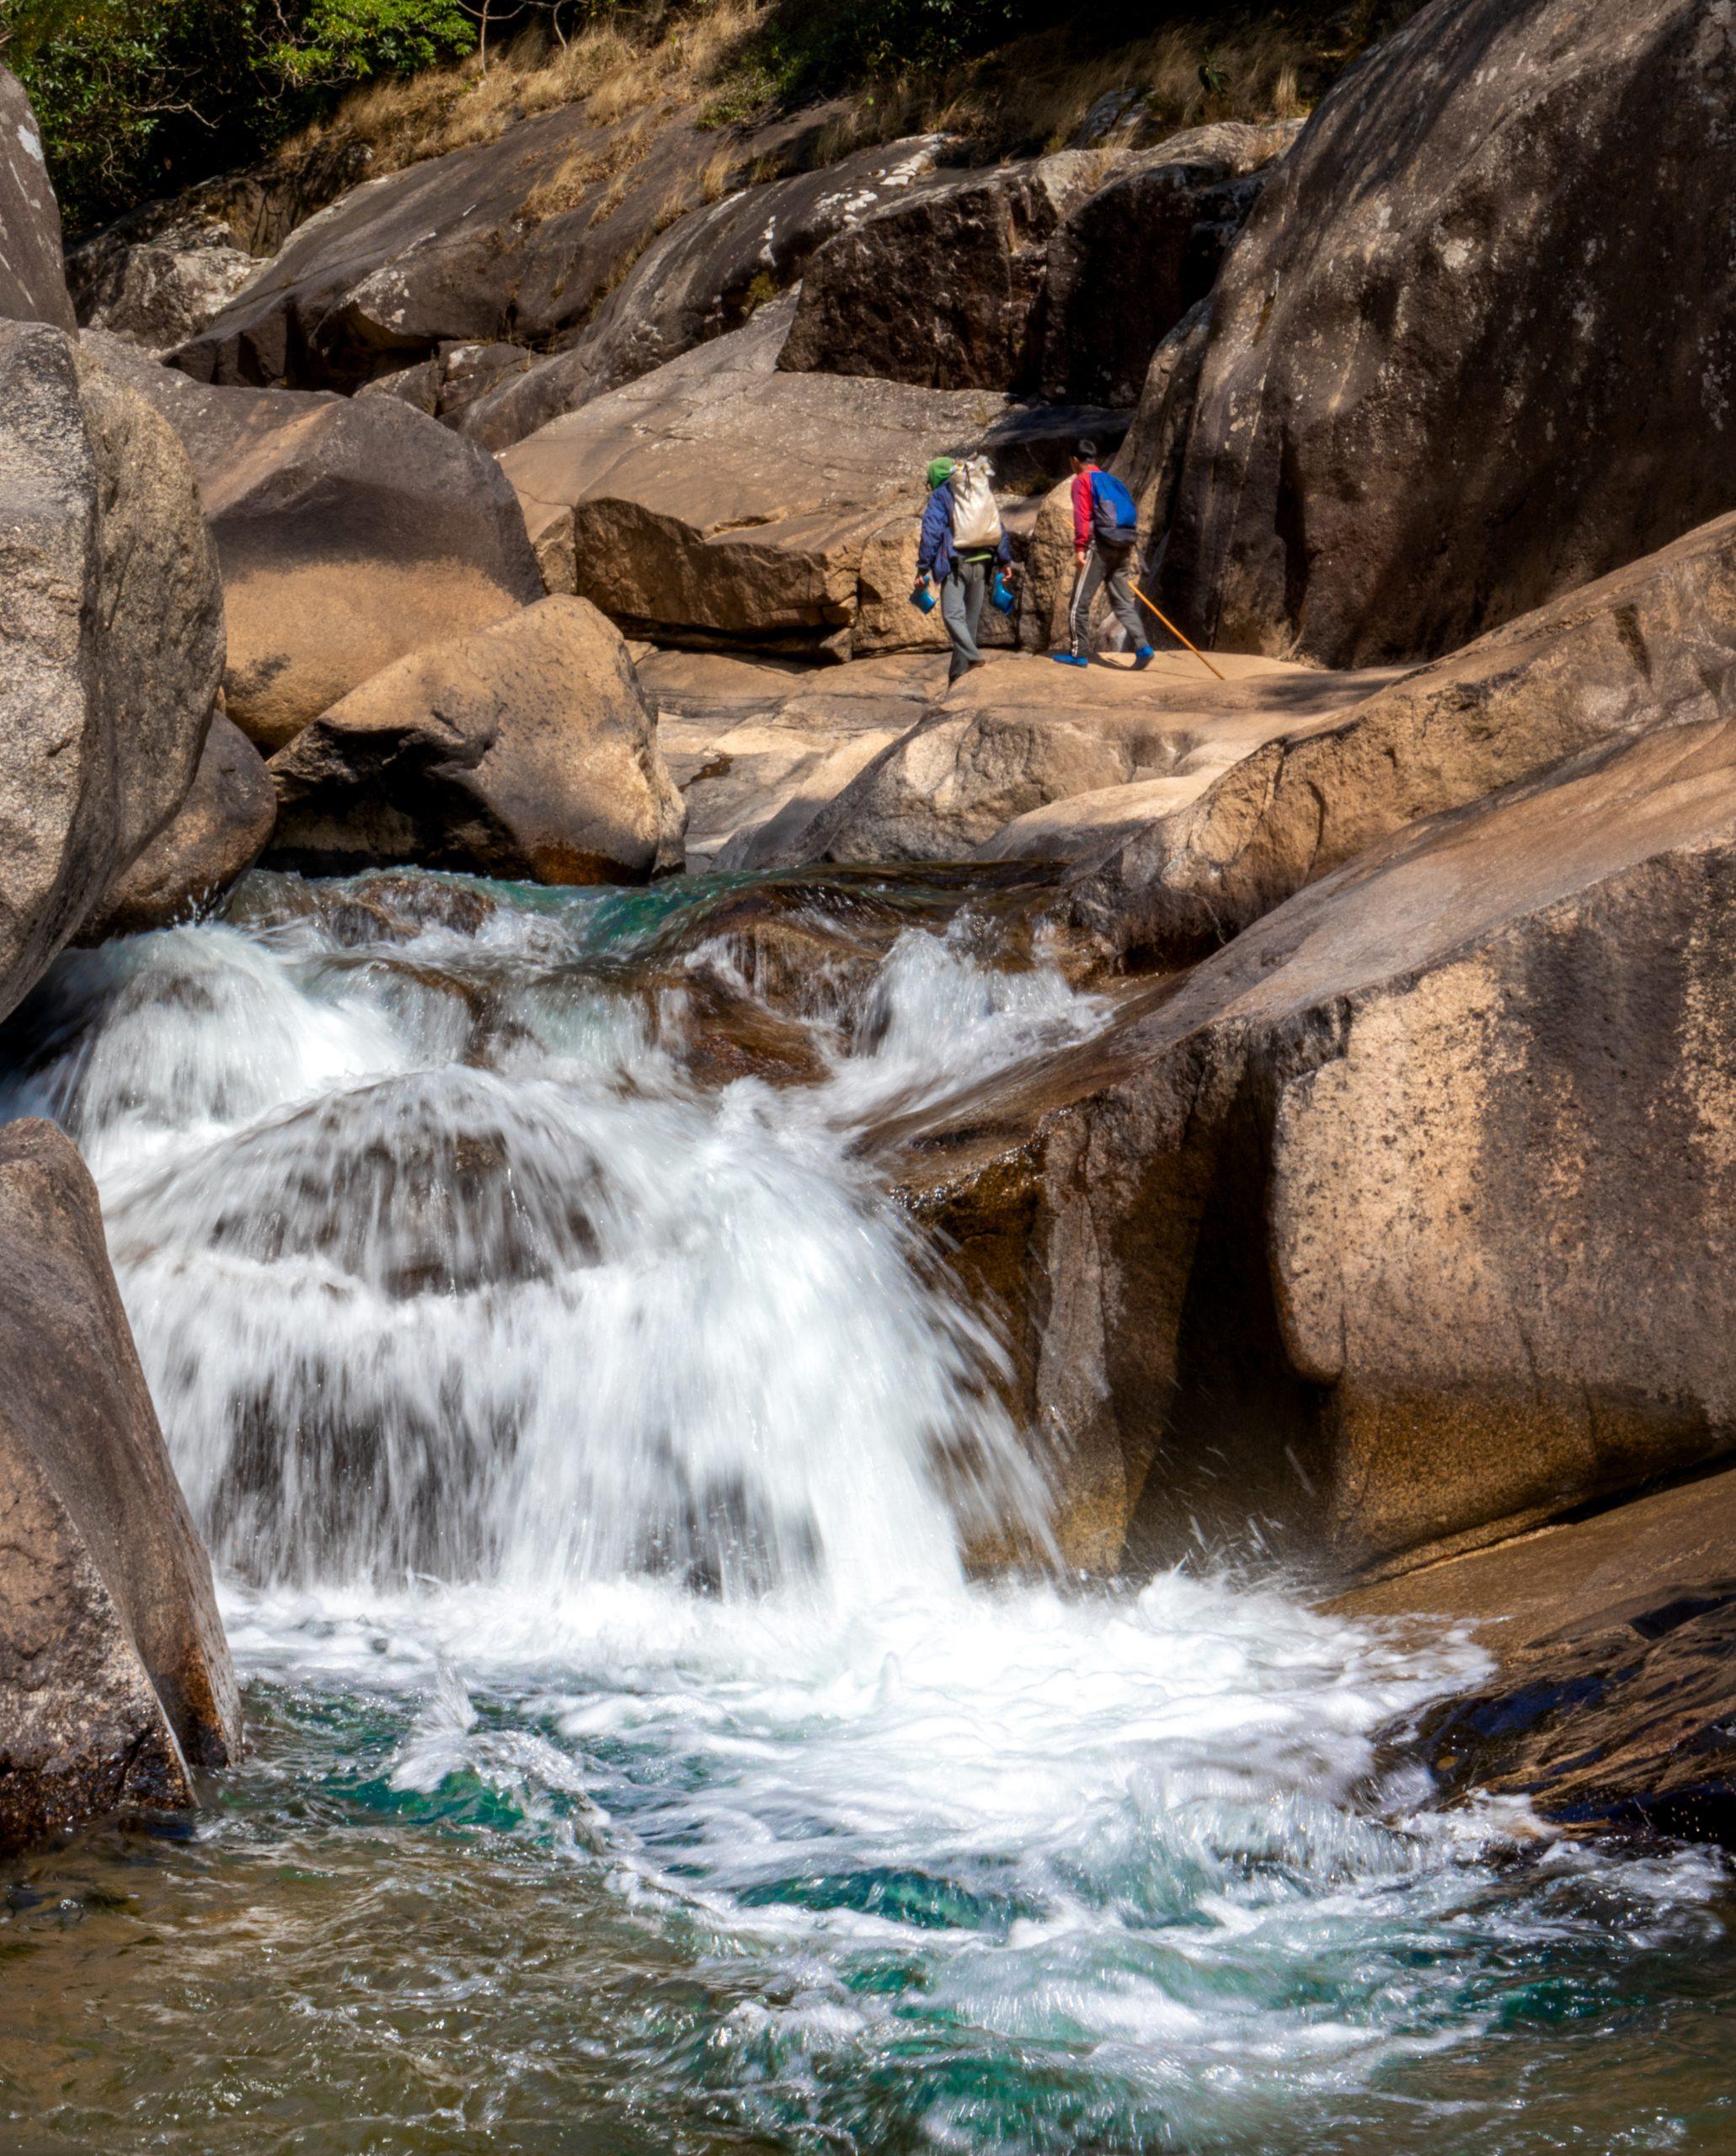 Fresh water flowing through rocks